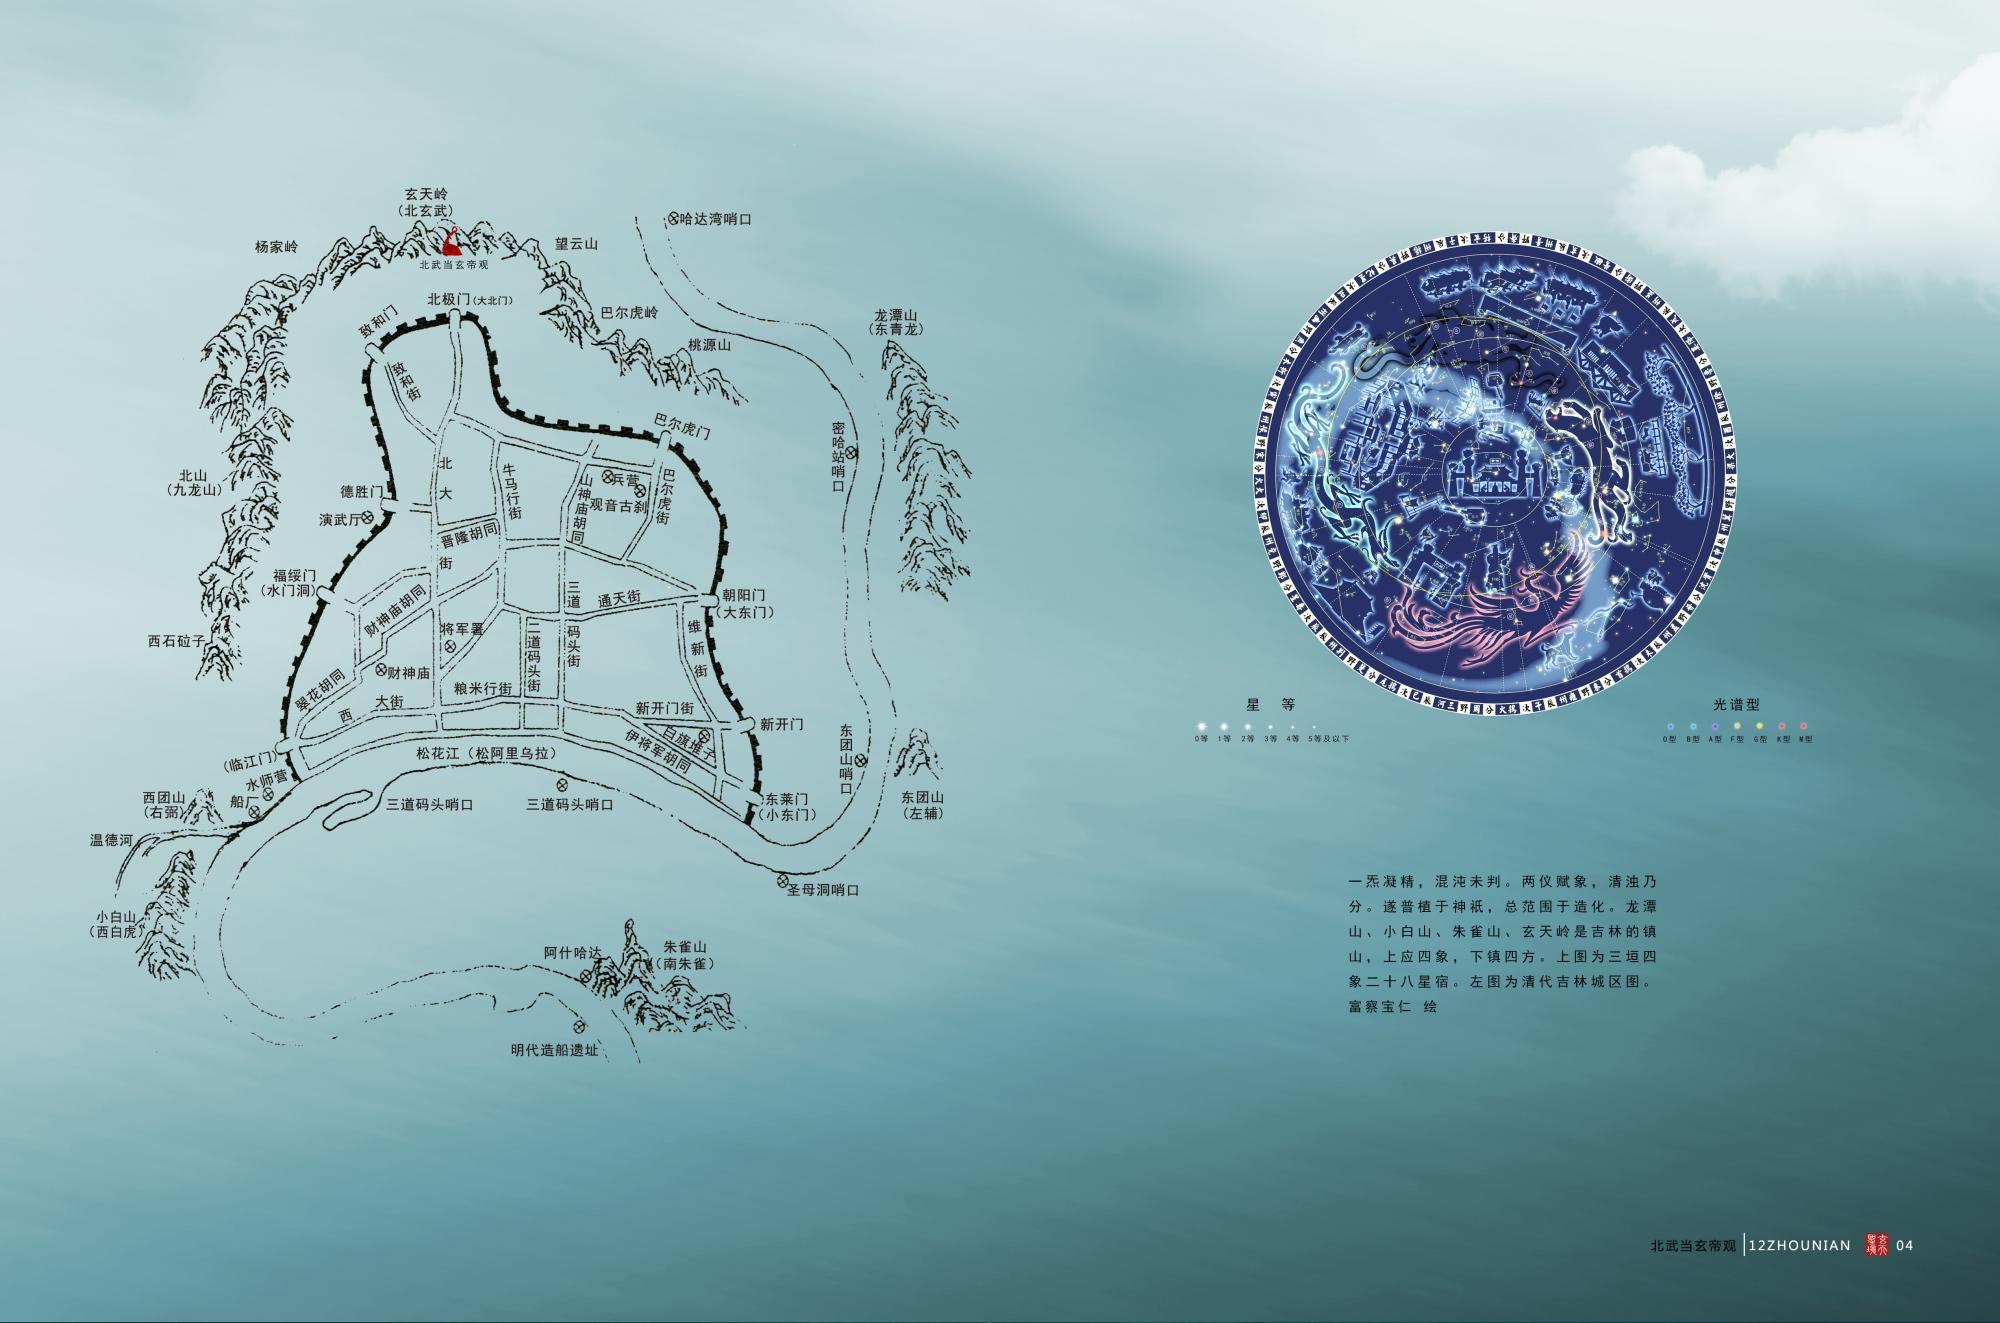 真�L�U化:�o念北武��玄帝�^�徒�12周年(上)